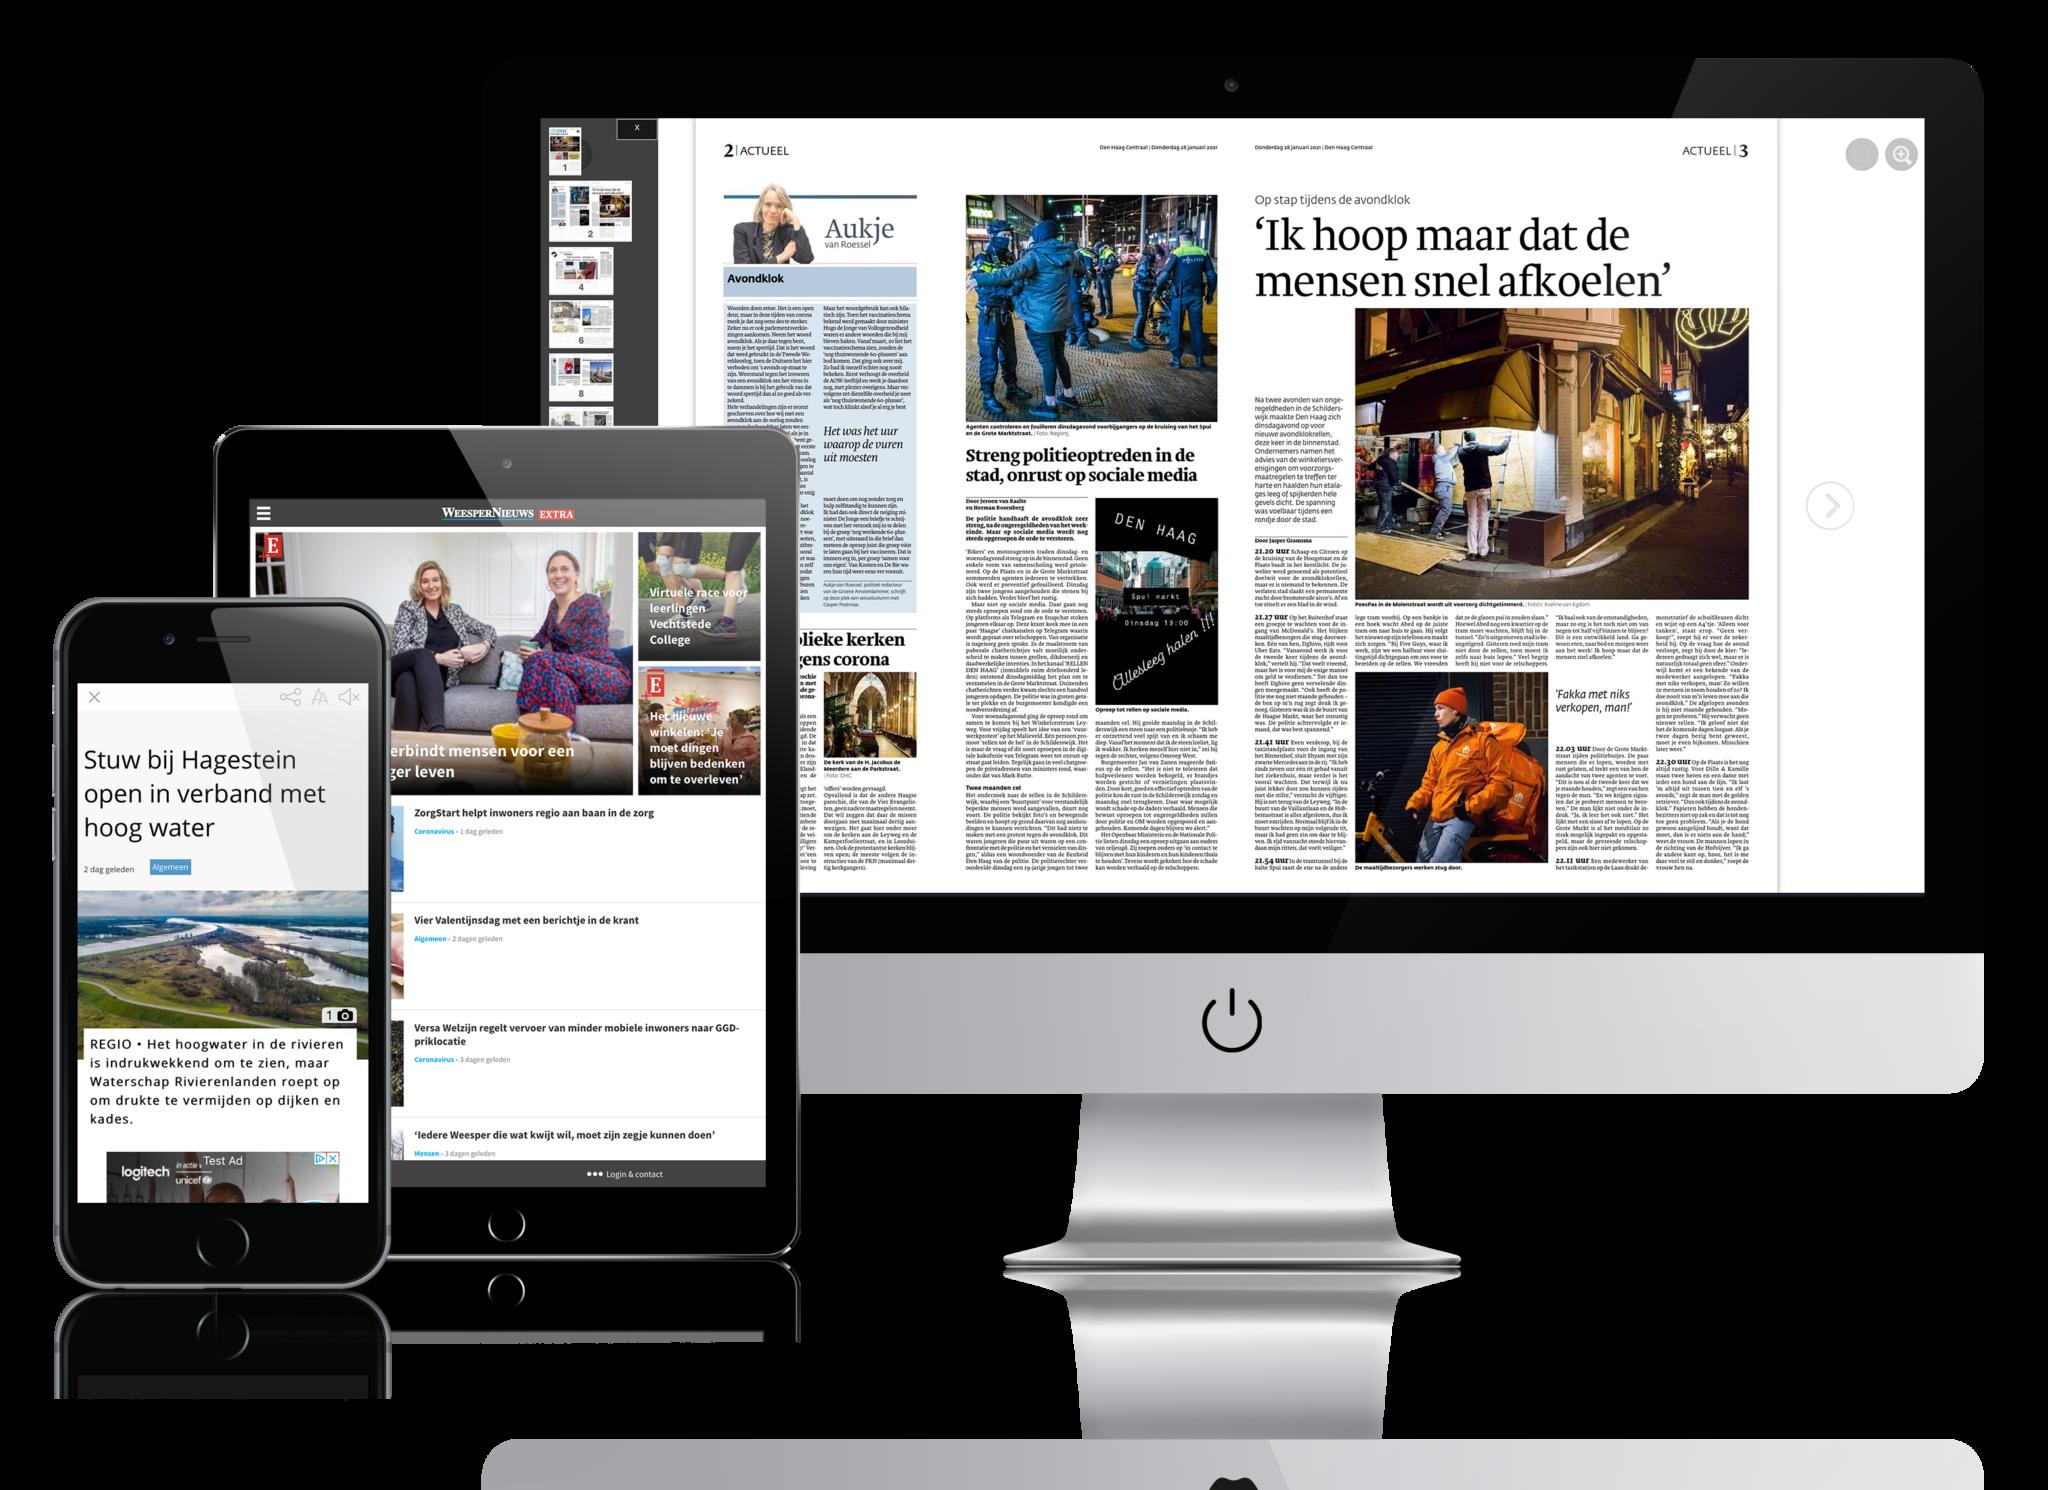 news digital publish publishers news publishing